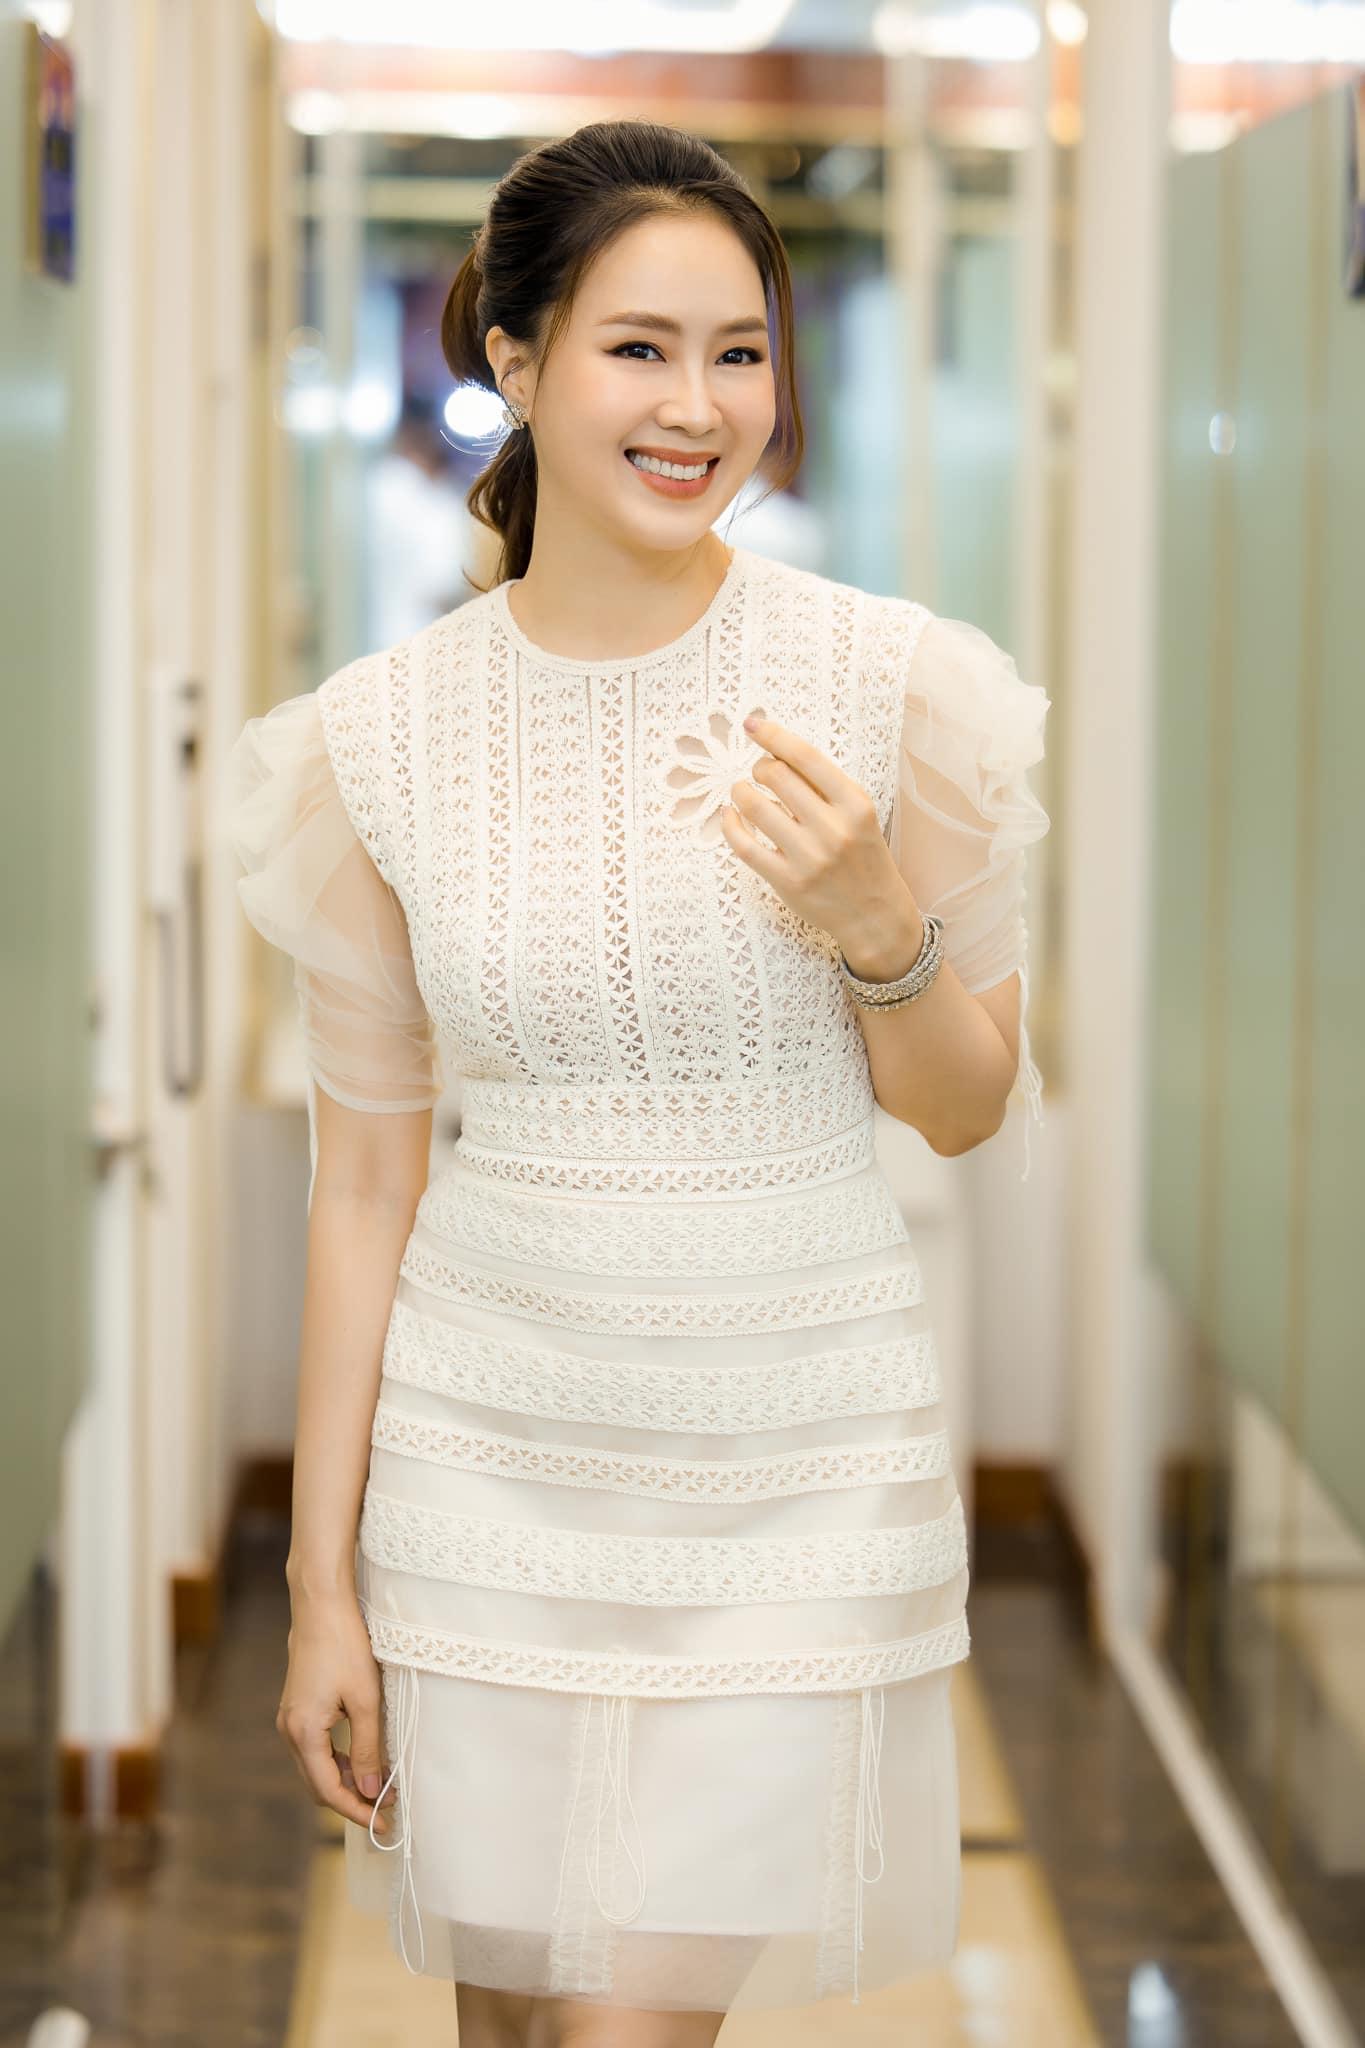 Hồng Diễm hoá thân nàng công chúa tuổi U40, không váy đầm bồng bềnh vẫn đẹp vượt mặt đàn em - 6